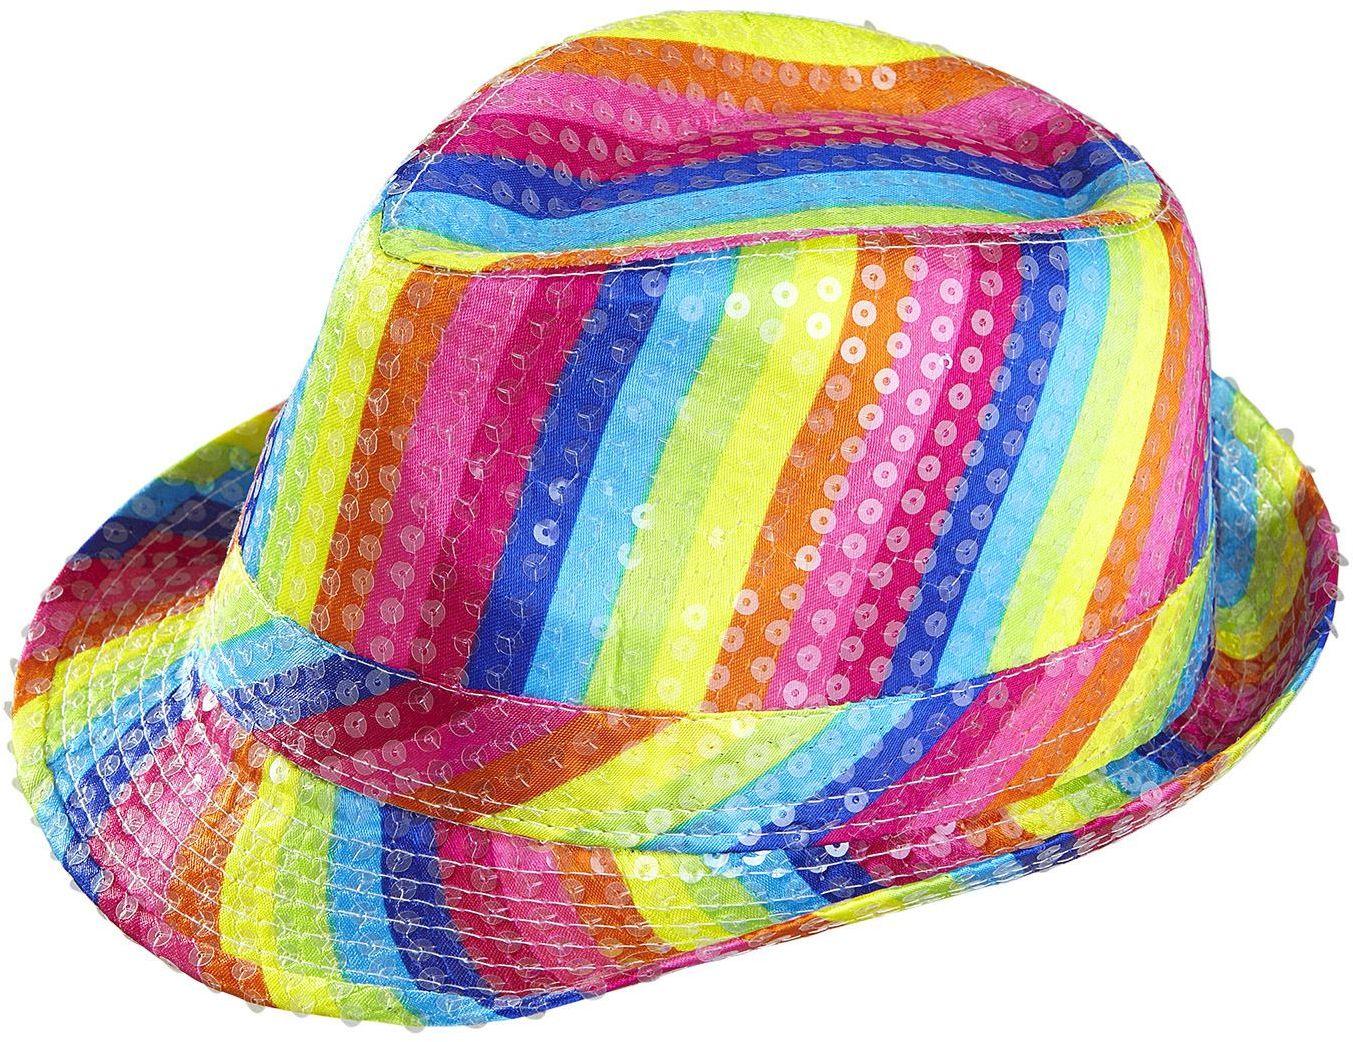 Pailletten regenboog hoed